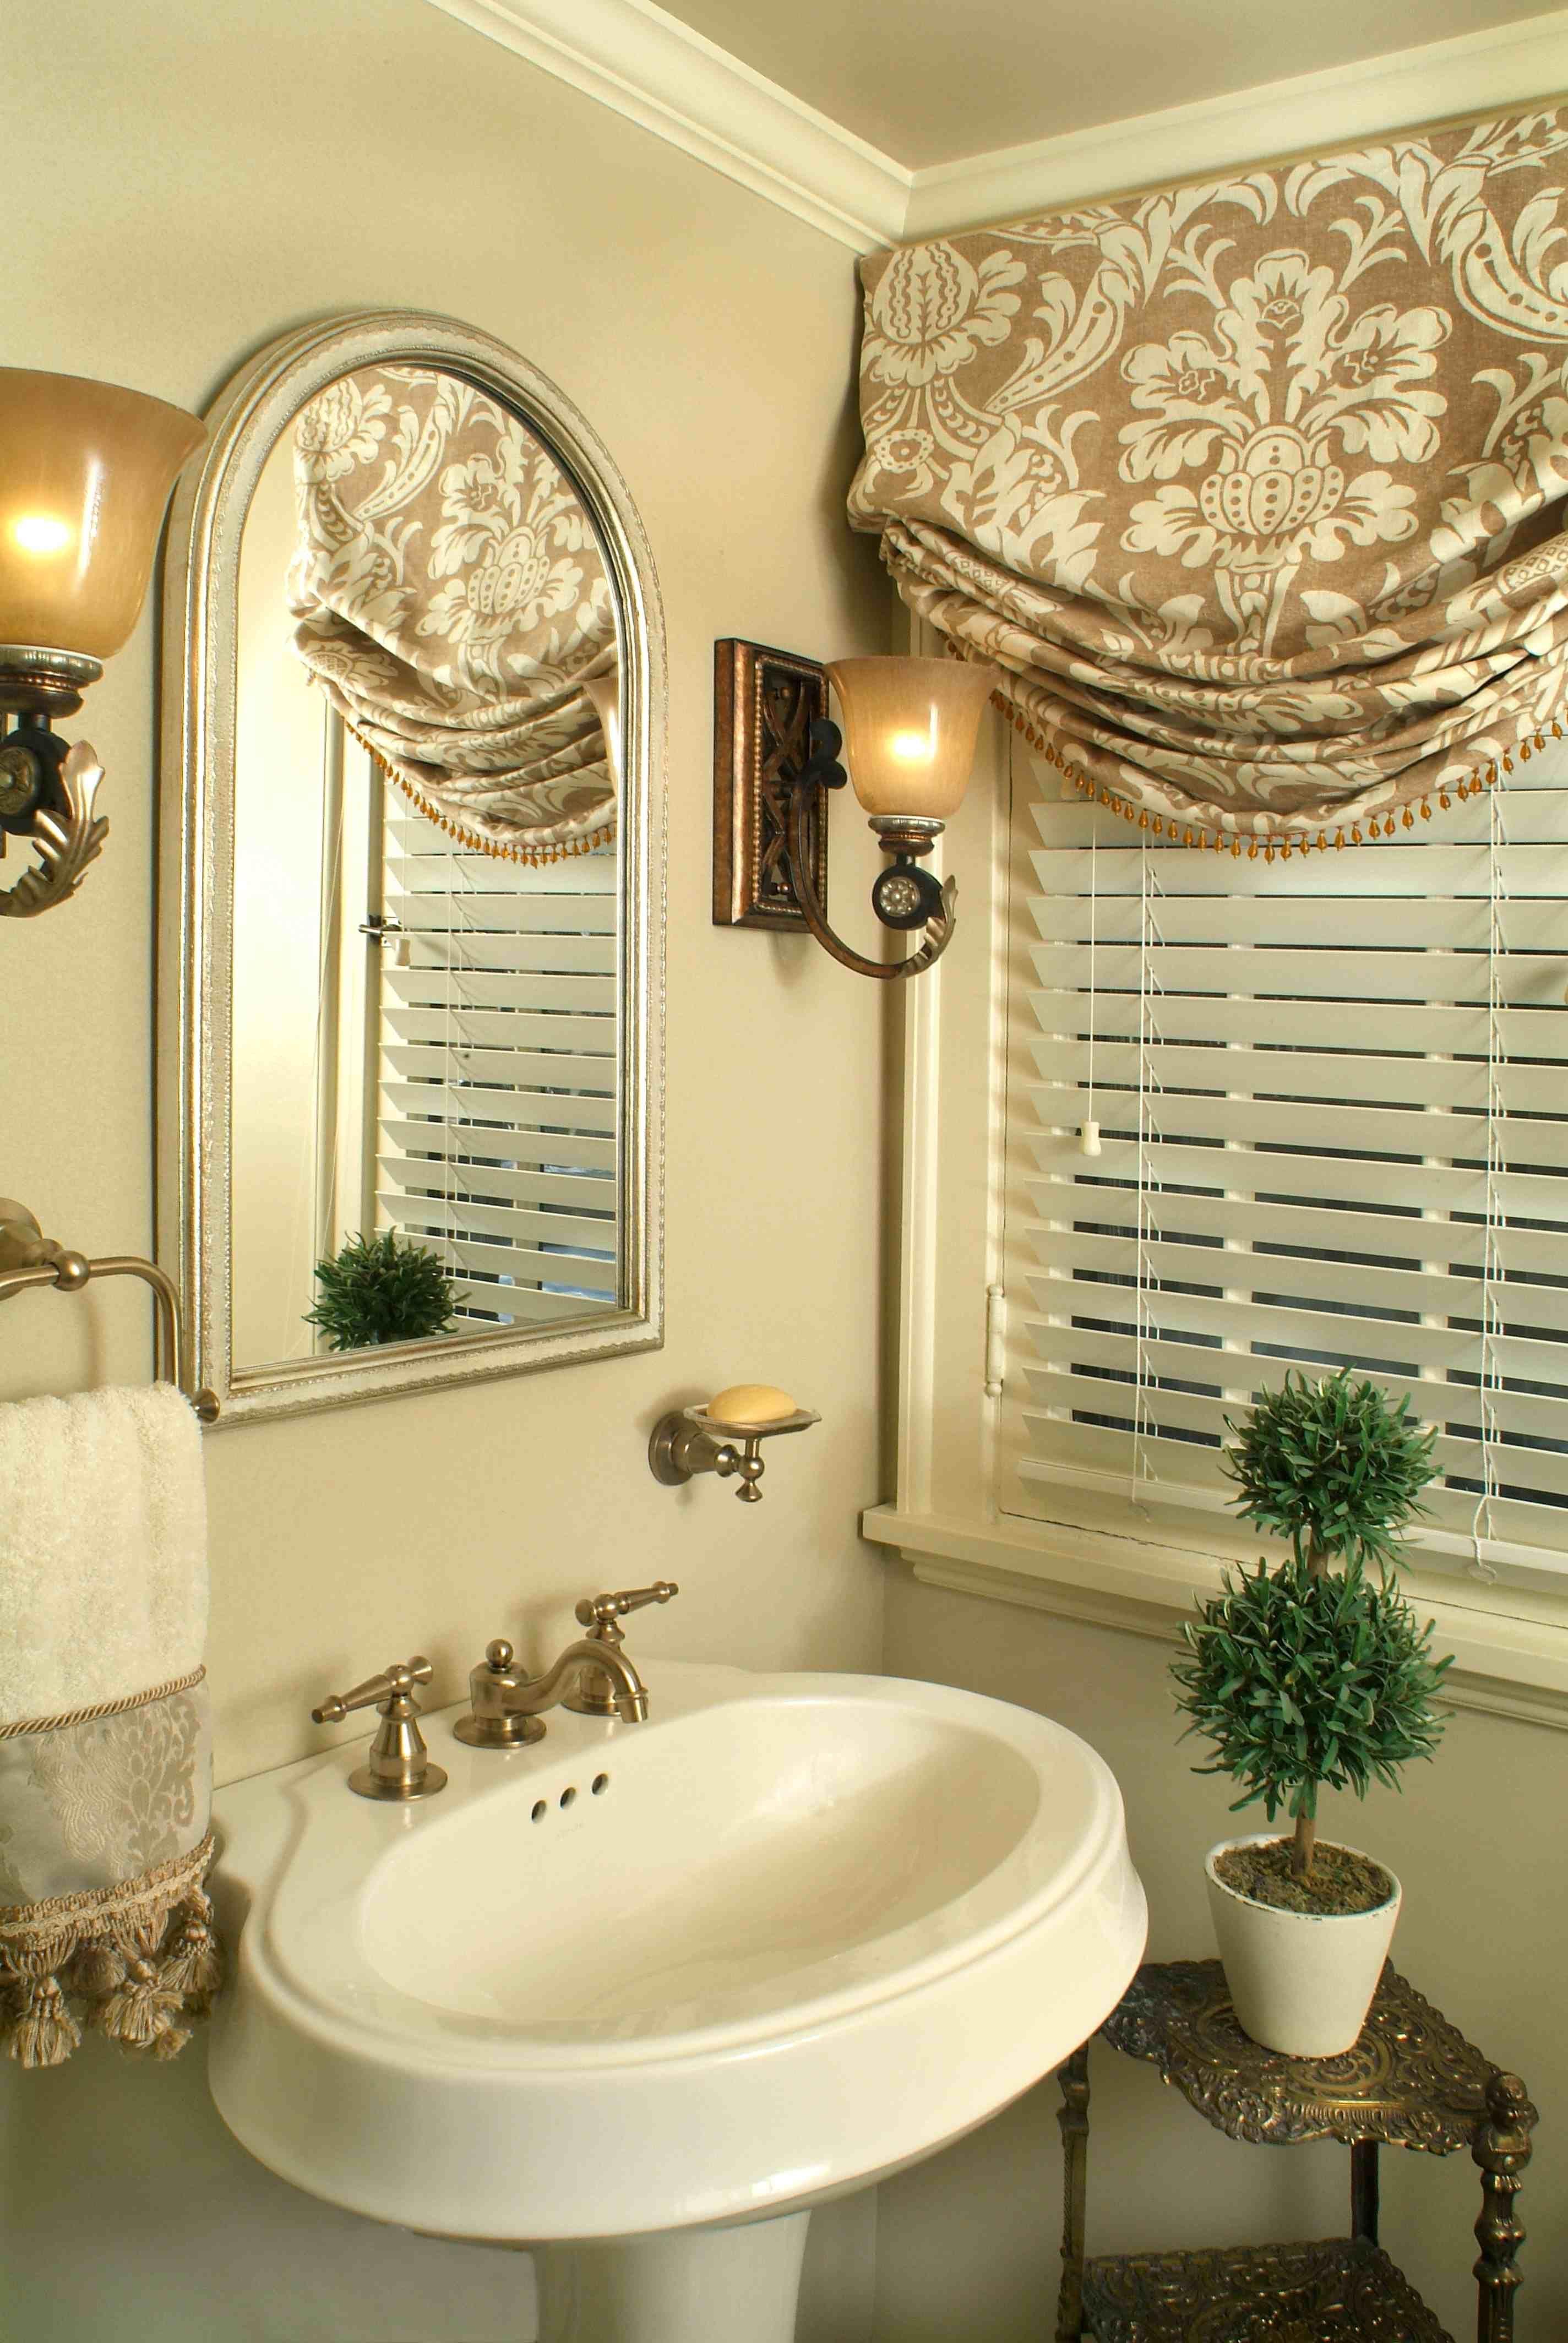 Bath under window ideas  half bath idea  im thinking a faux window is in order